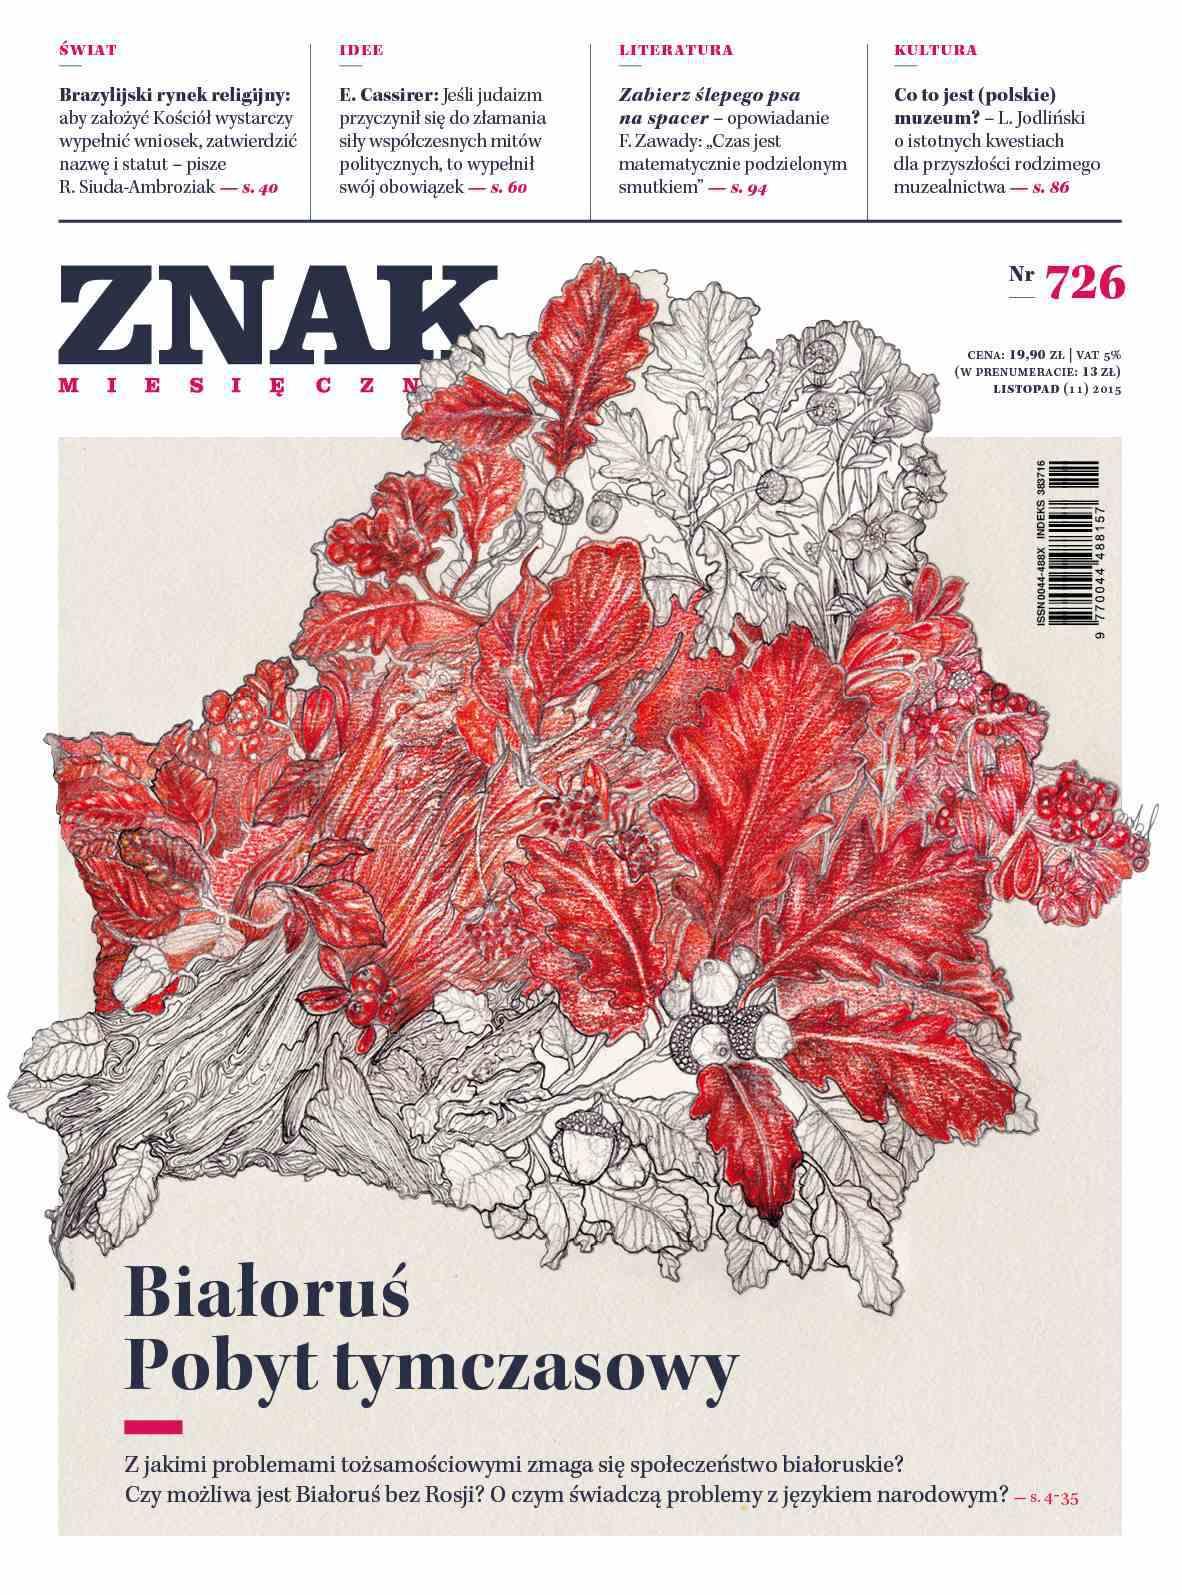 Miesięcznik Znak. Białoruś. Pobyt tymczasowy. Nr 726 - Ebook (Książka na Kindle) do pobrania w formacie MOBI